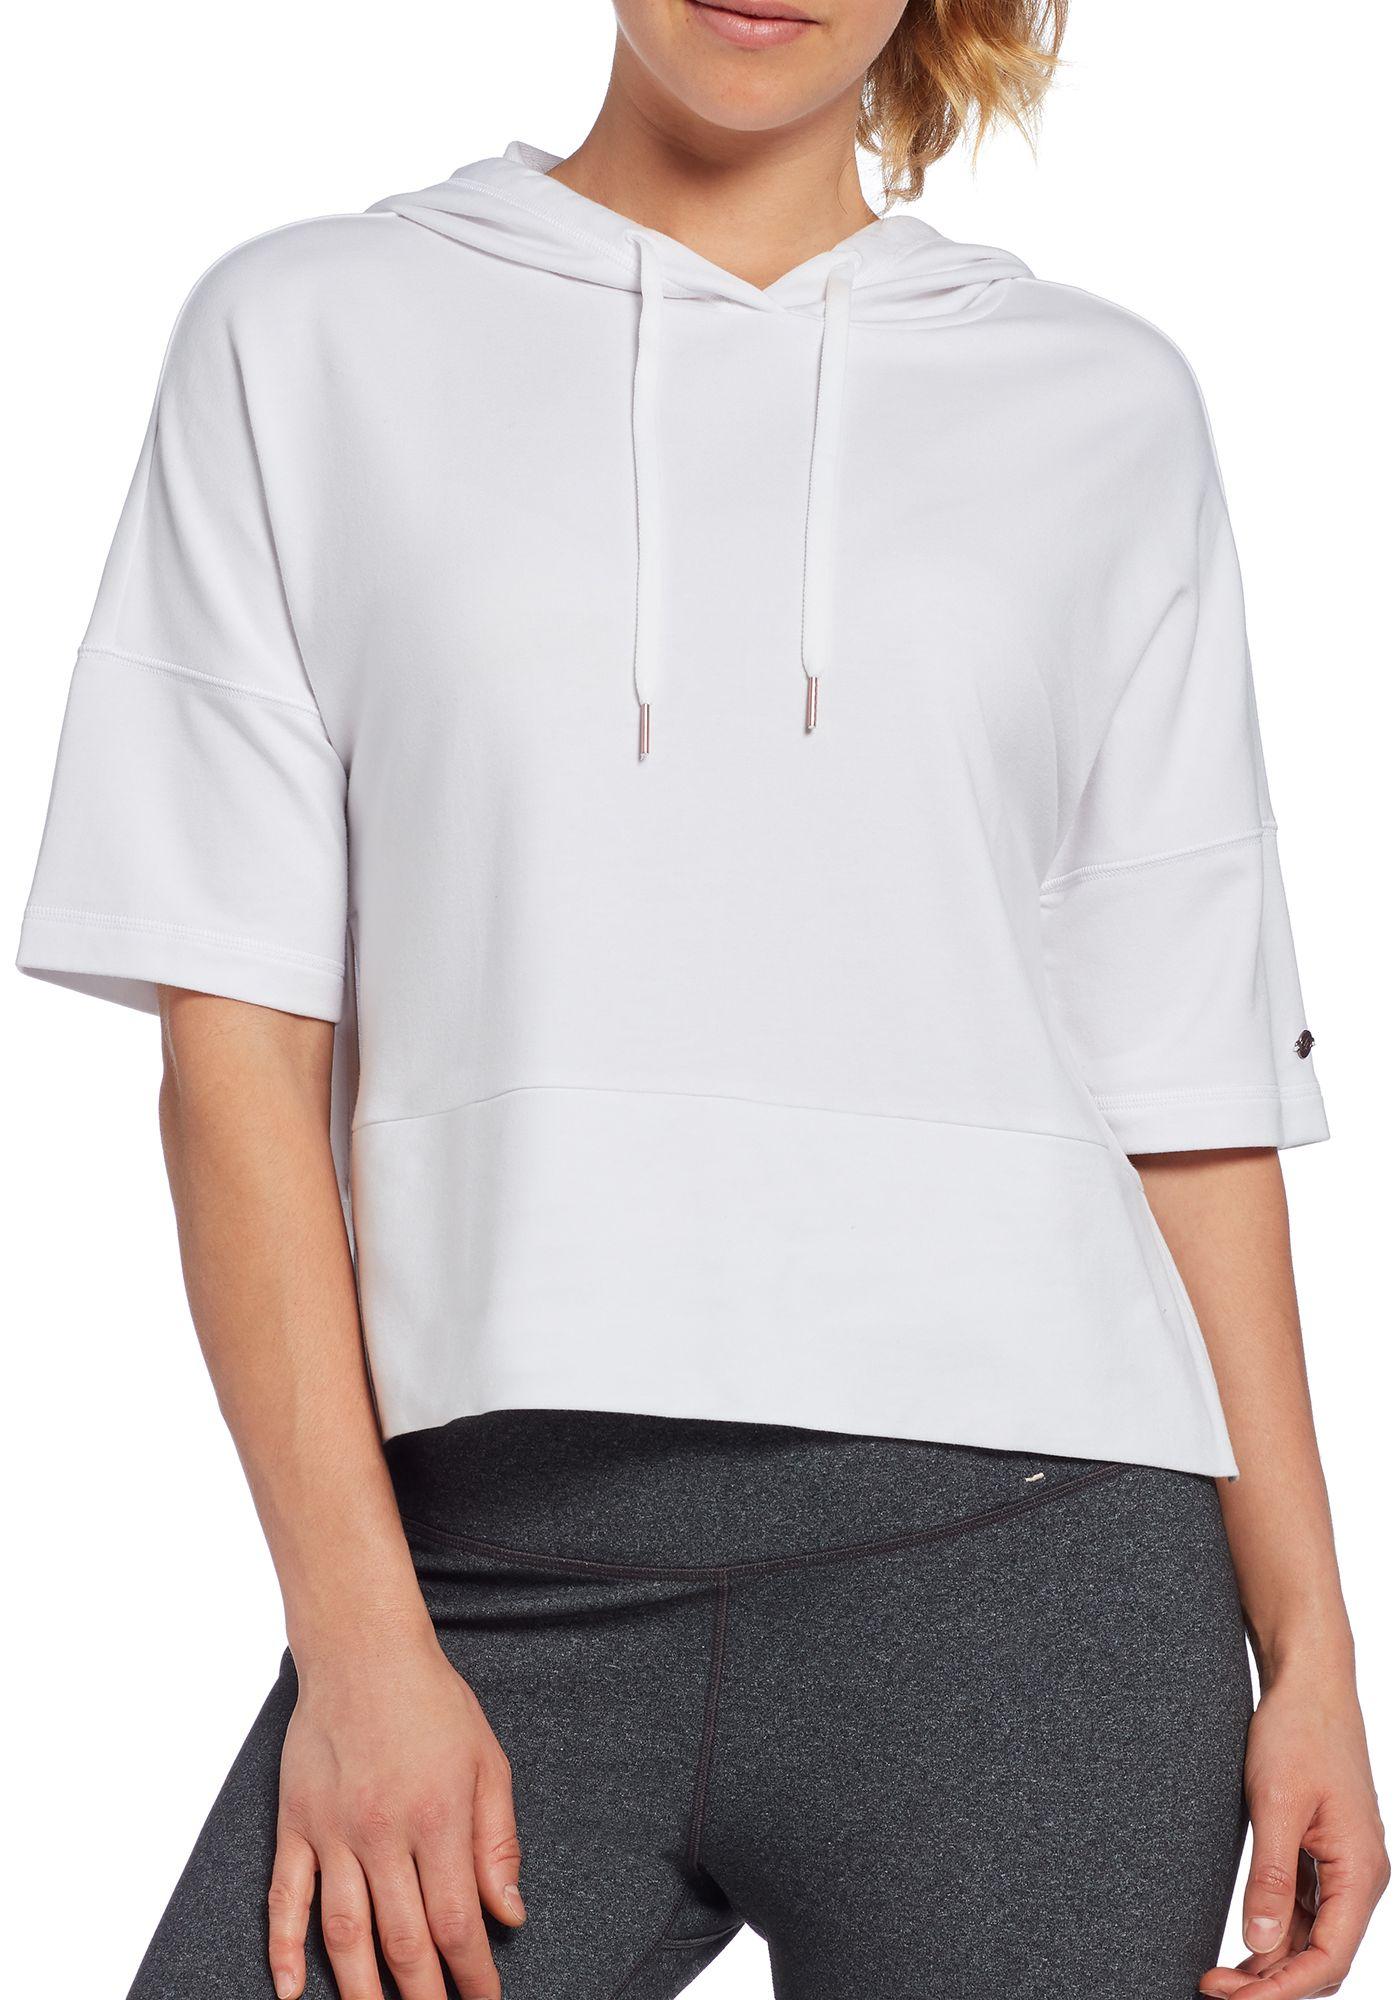 CALIA by Carrie Underwood Women's Effortless Short Sleeve Hoodie